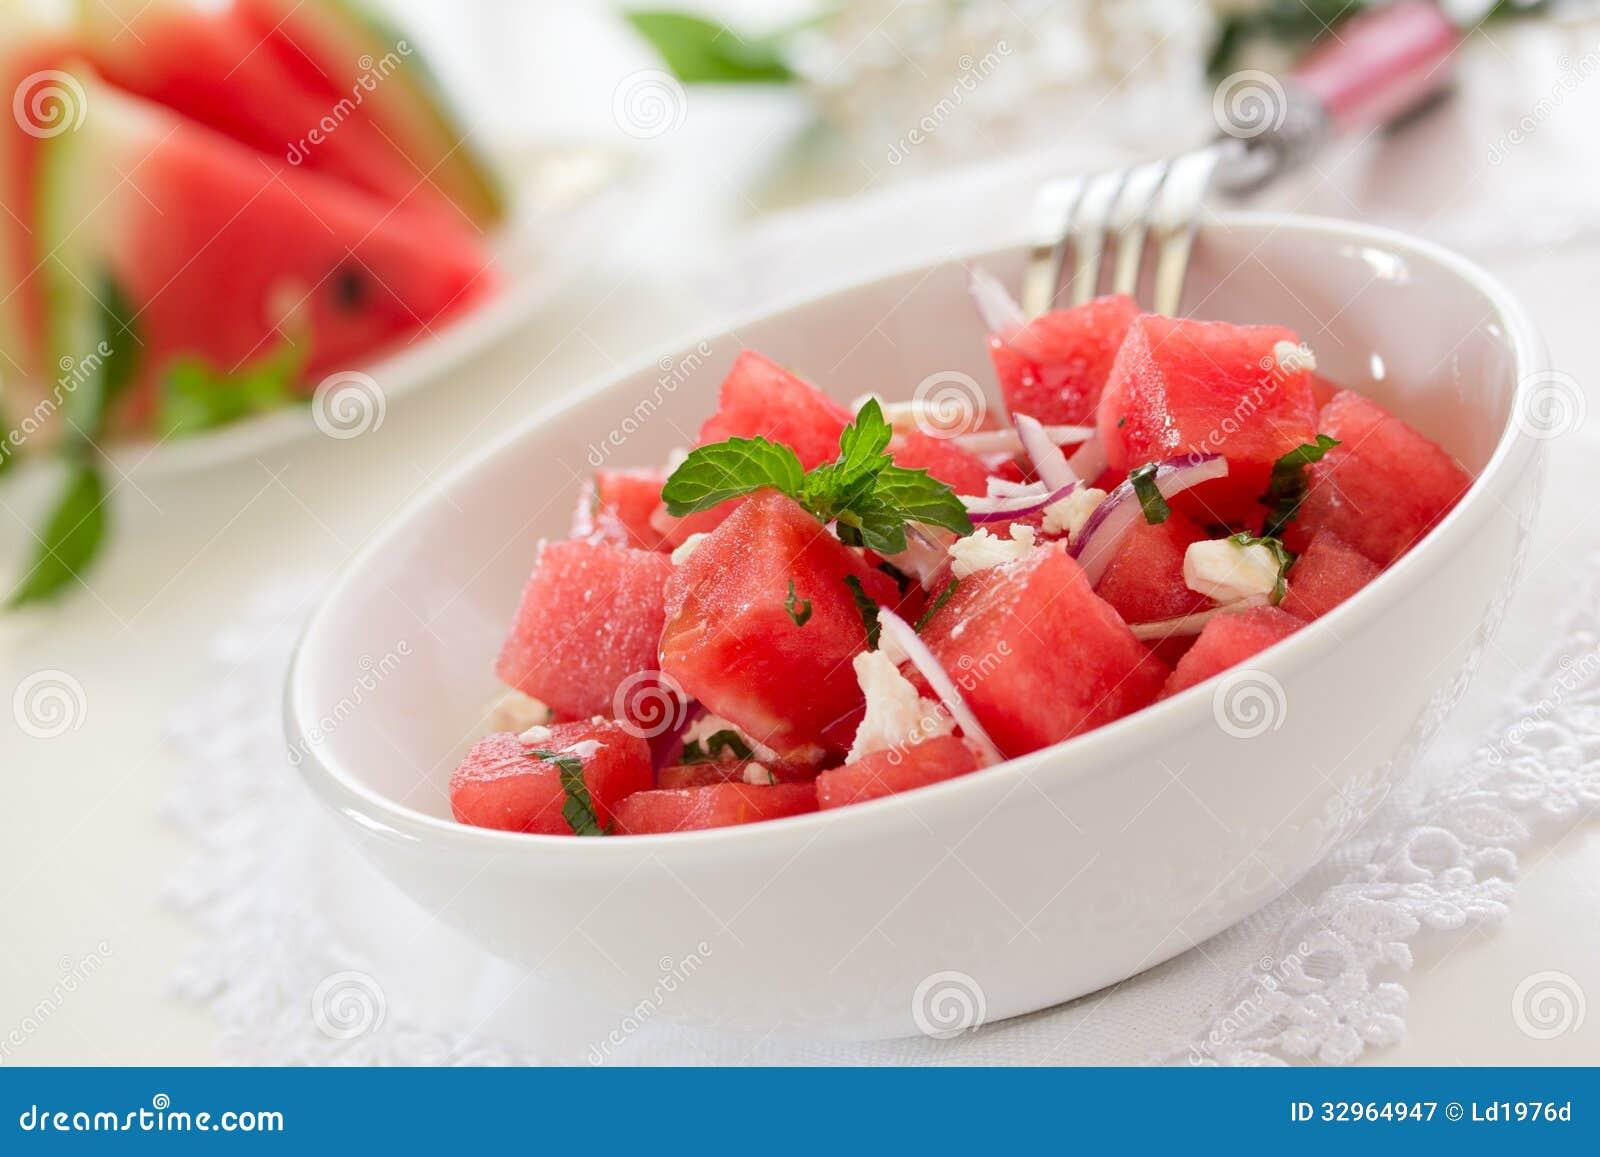 salat mit wassermelone lizenzfreie stockfotografie bild 32964947. Black Bedroom Furniture Sets. Home Design Ideas